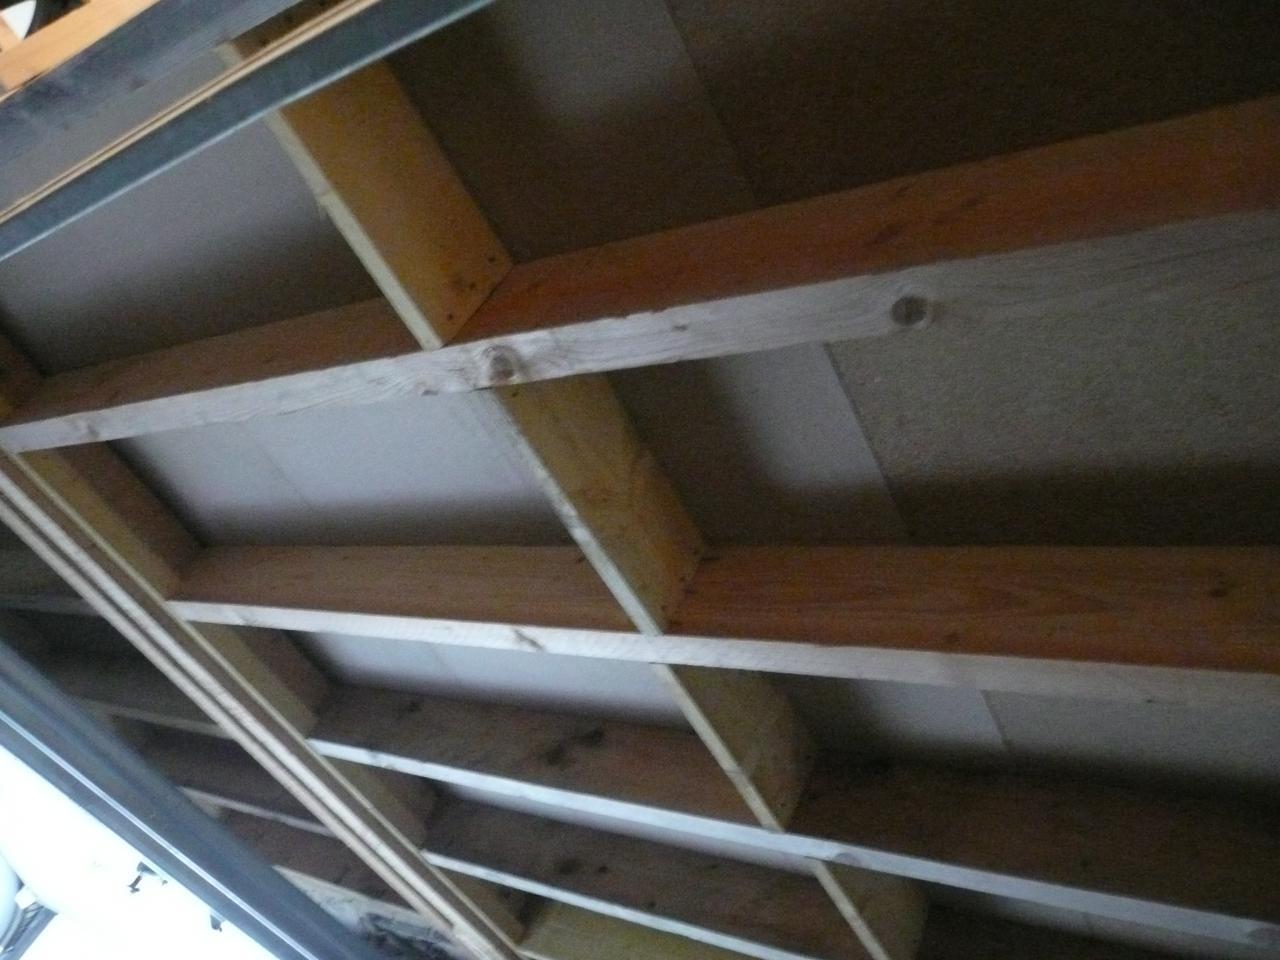 projet de plancher pour rangement dans garage. Black Bedroom Furniture Sets. Home Design Ideas